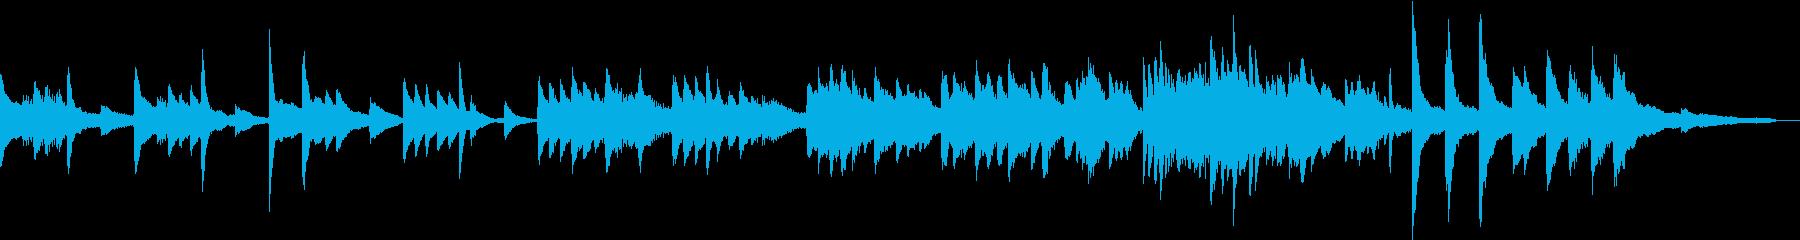 朝のラウンジに流れるようなBGMの再生済みの波形